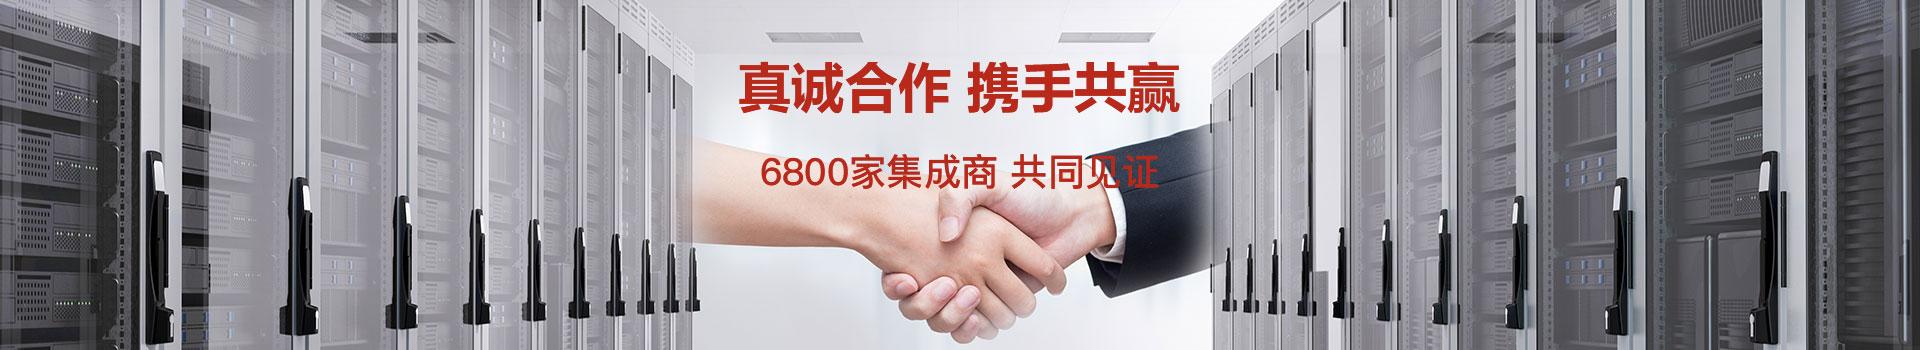 55家上市公司,258个领域,3850家集成商共同见证